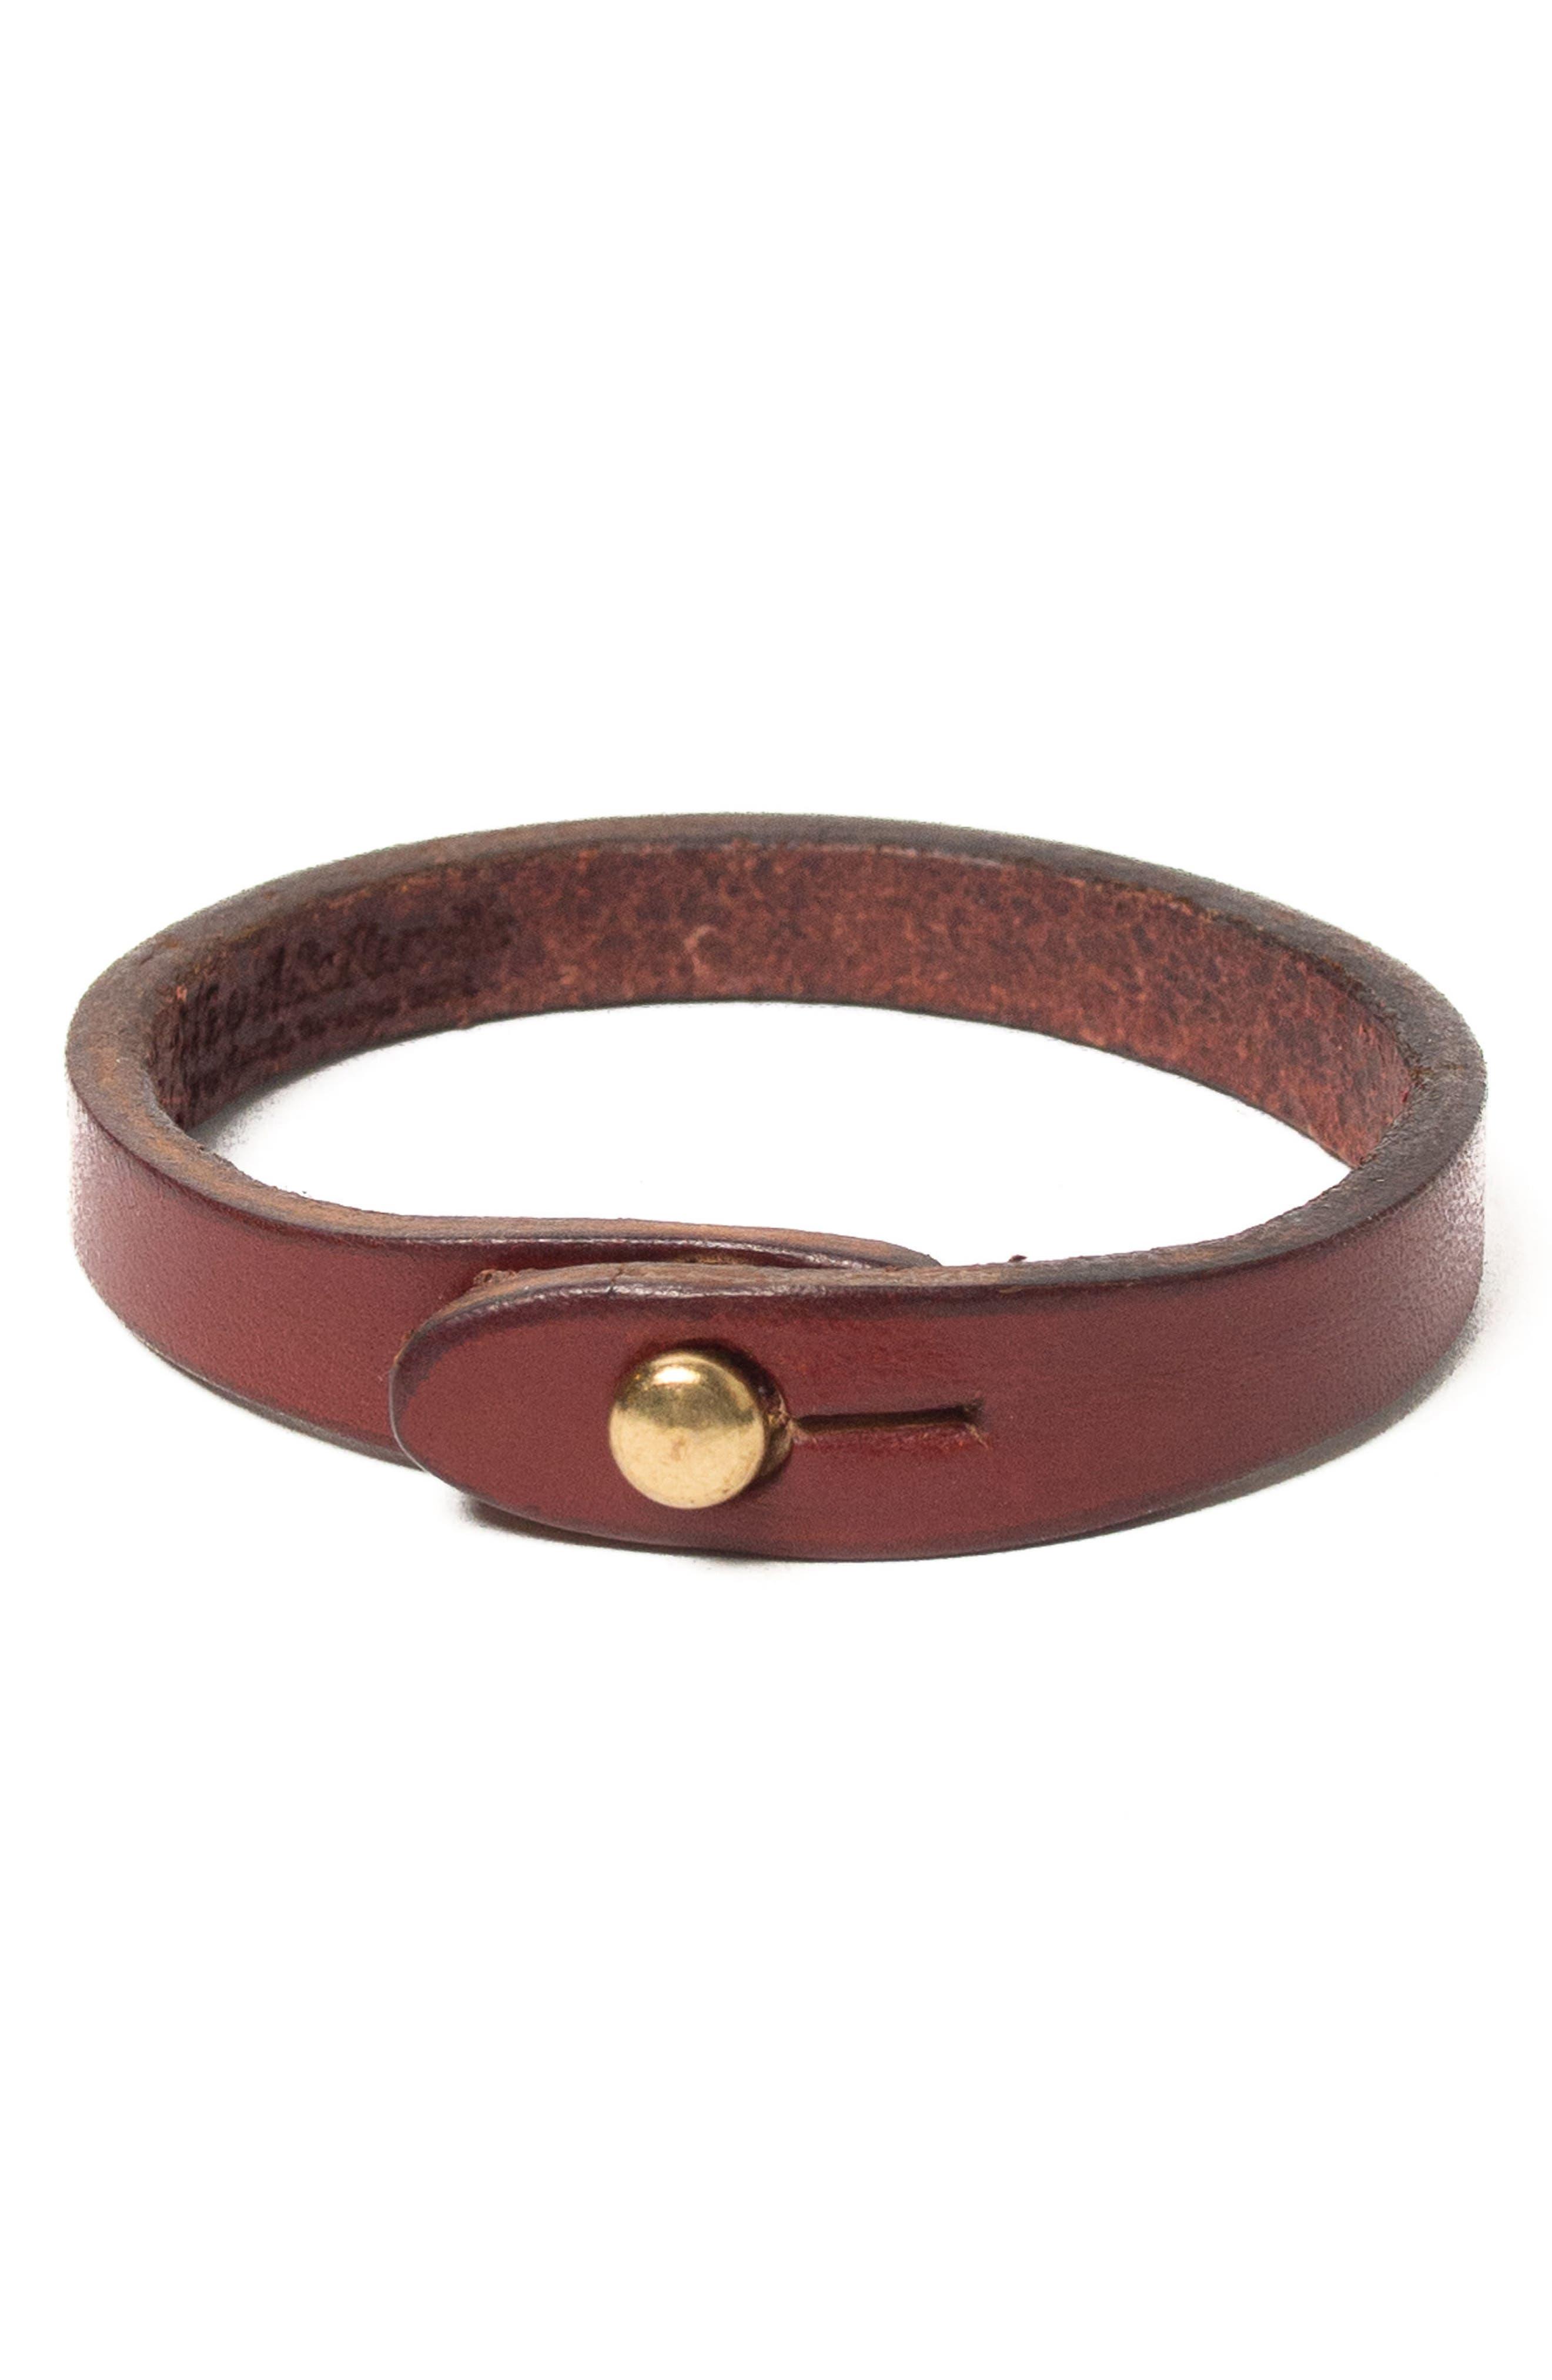 Wristwrap Leather Bracelet,                             Main thumbnail 1, color,                             Chestnut